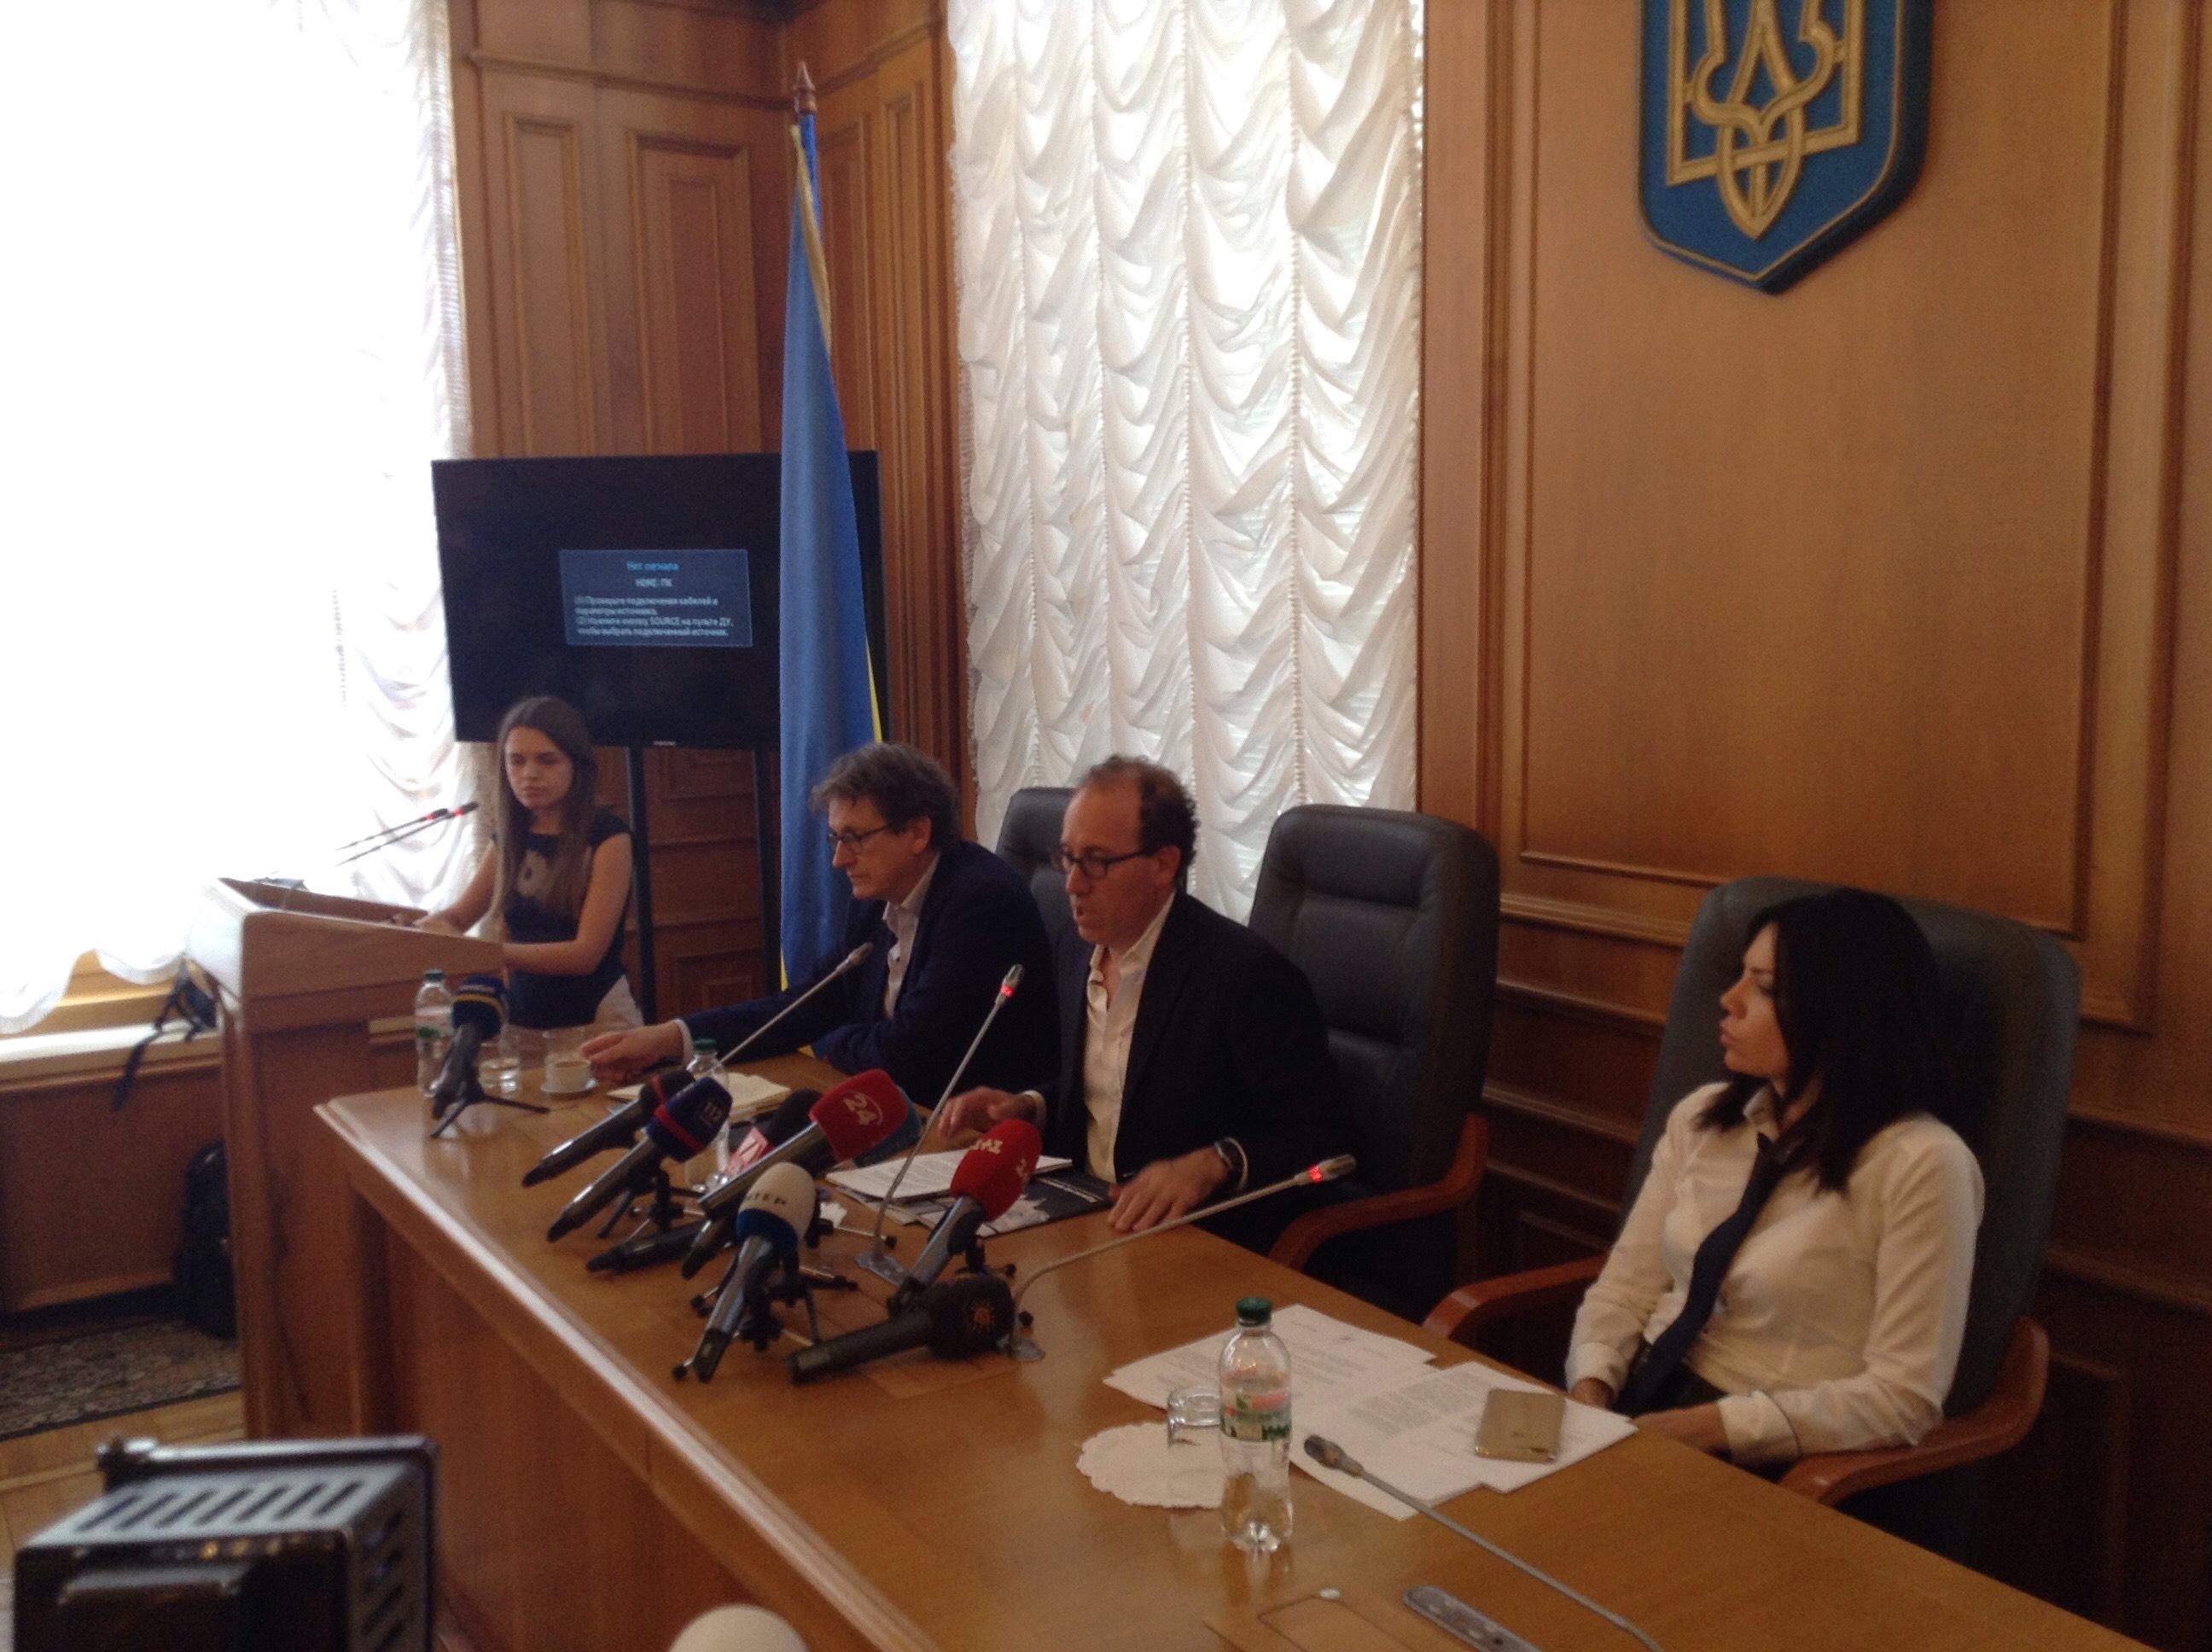 Комітет захисту журналістів (CPJ) запропонував парламентарям взяти під контроль розслідування вбивства Шеремета